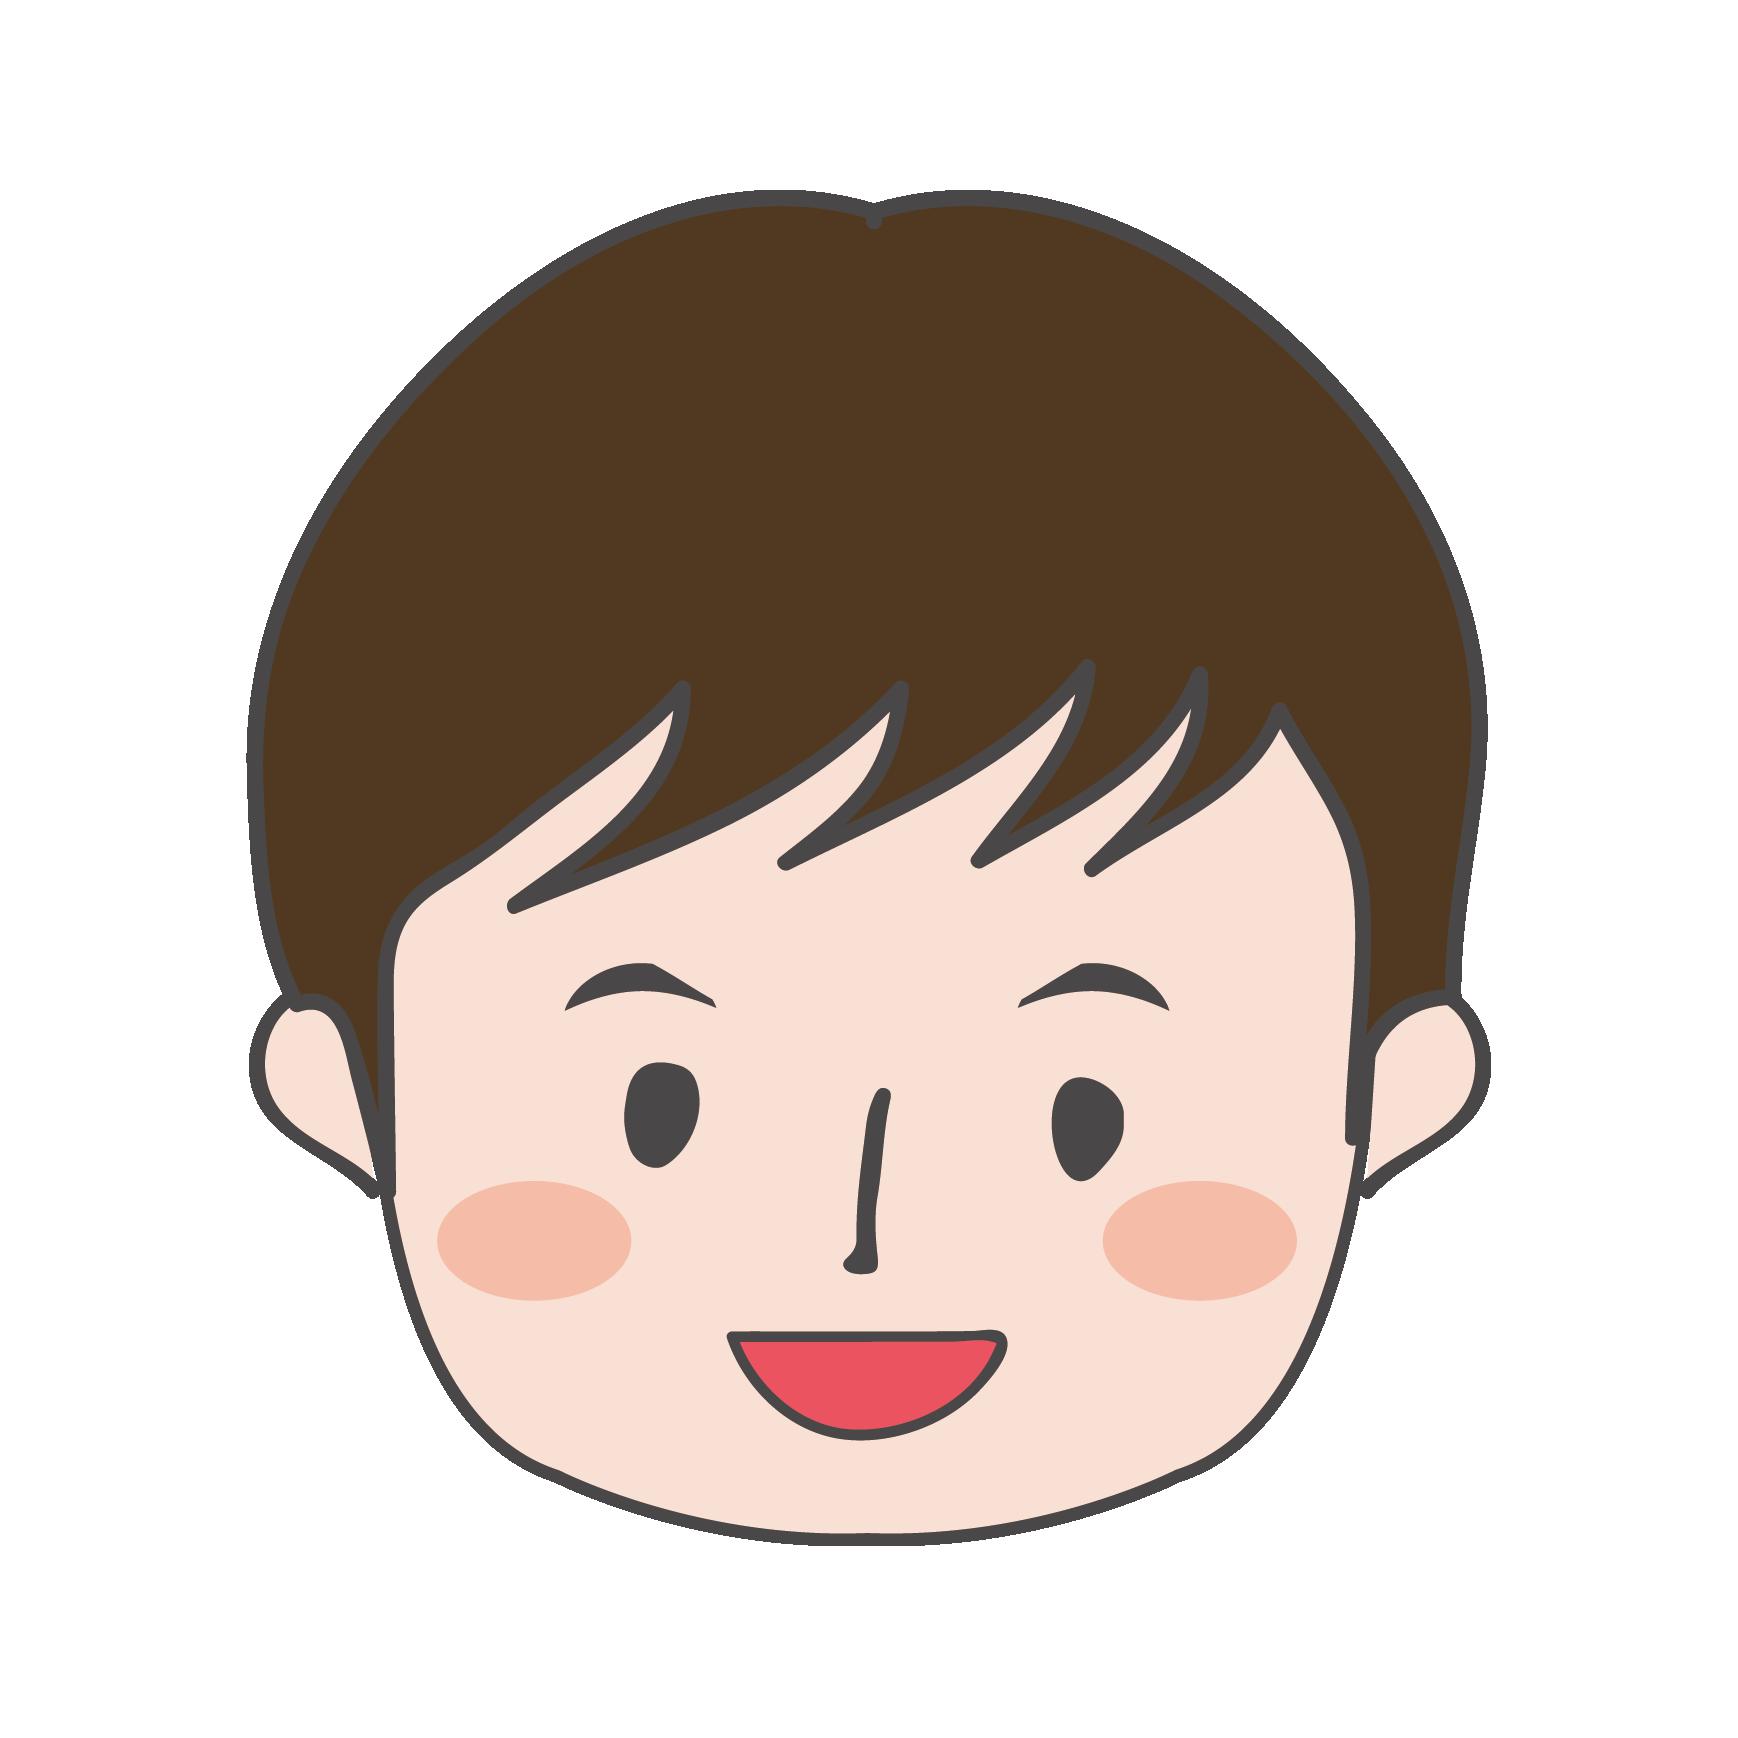 小さな男の子 イラスト【顔のアップ】 | 商用フリー(無料)のイラスト素材